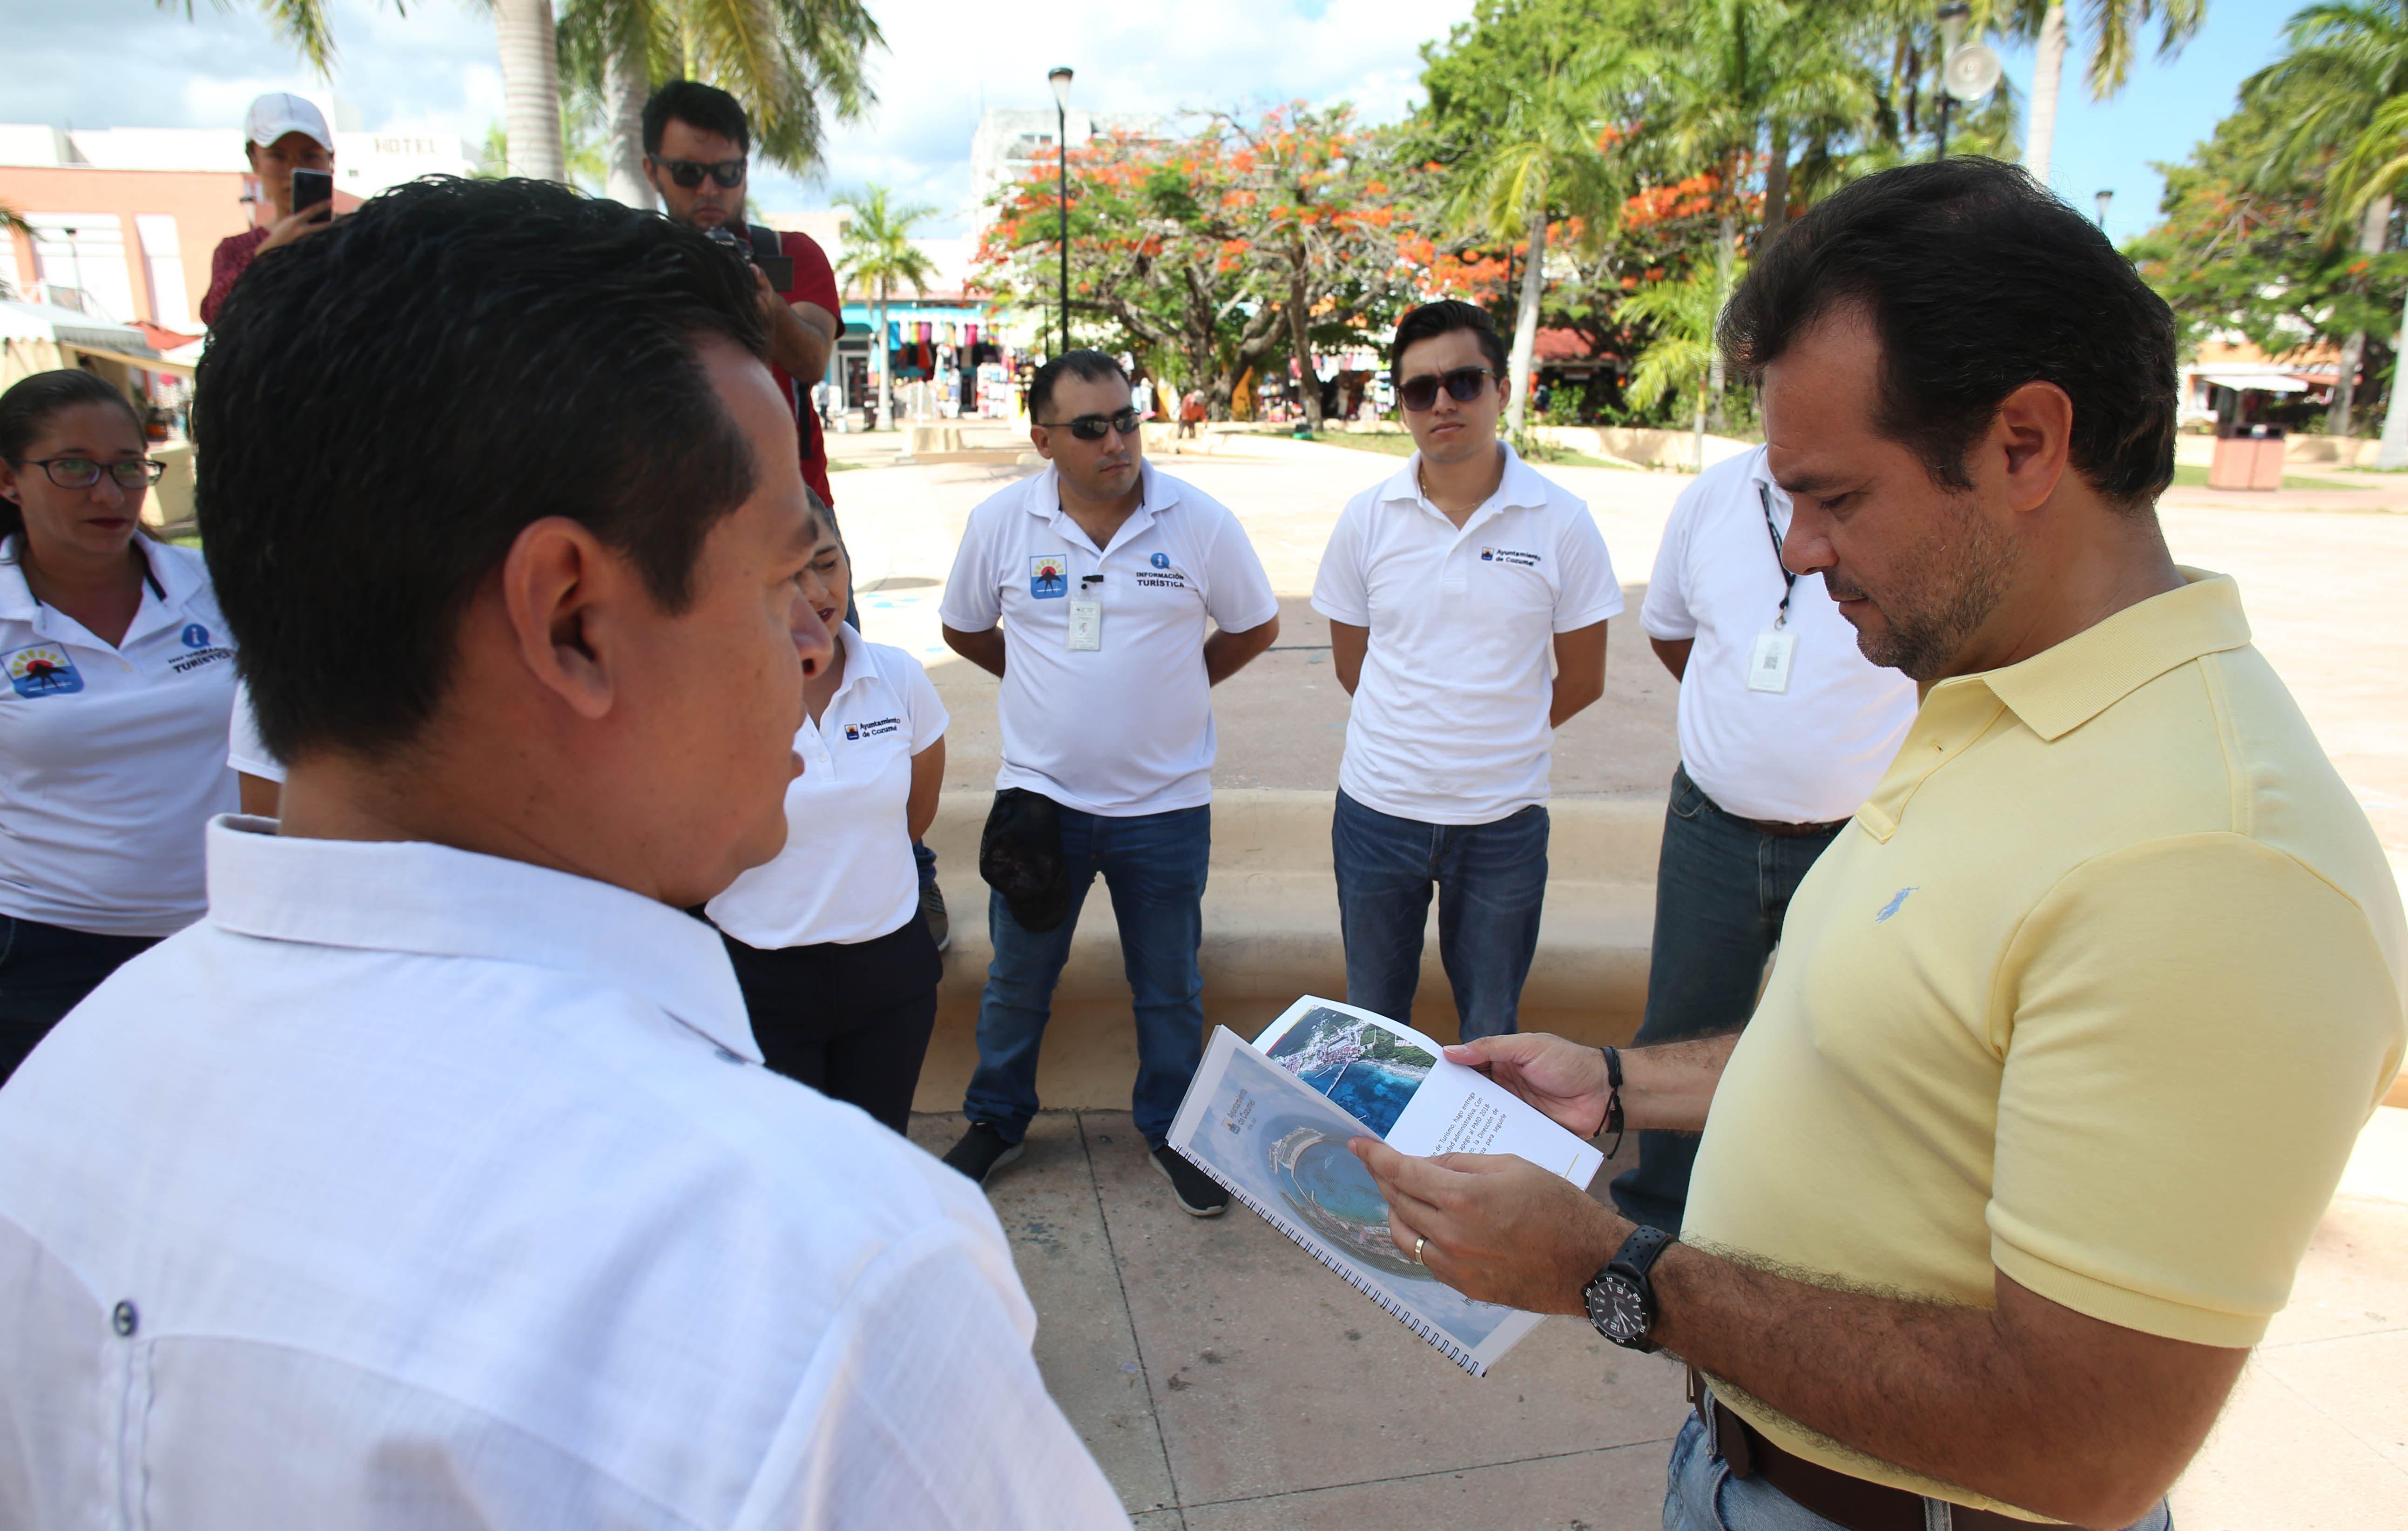 En materia turística, la administración de Pedro Joaquín destaca por resultados contundentes